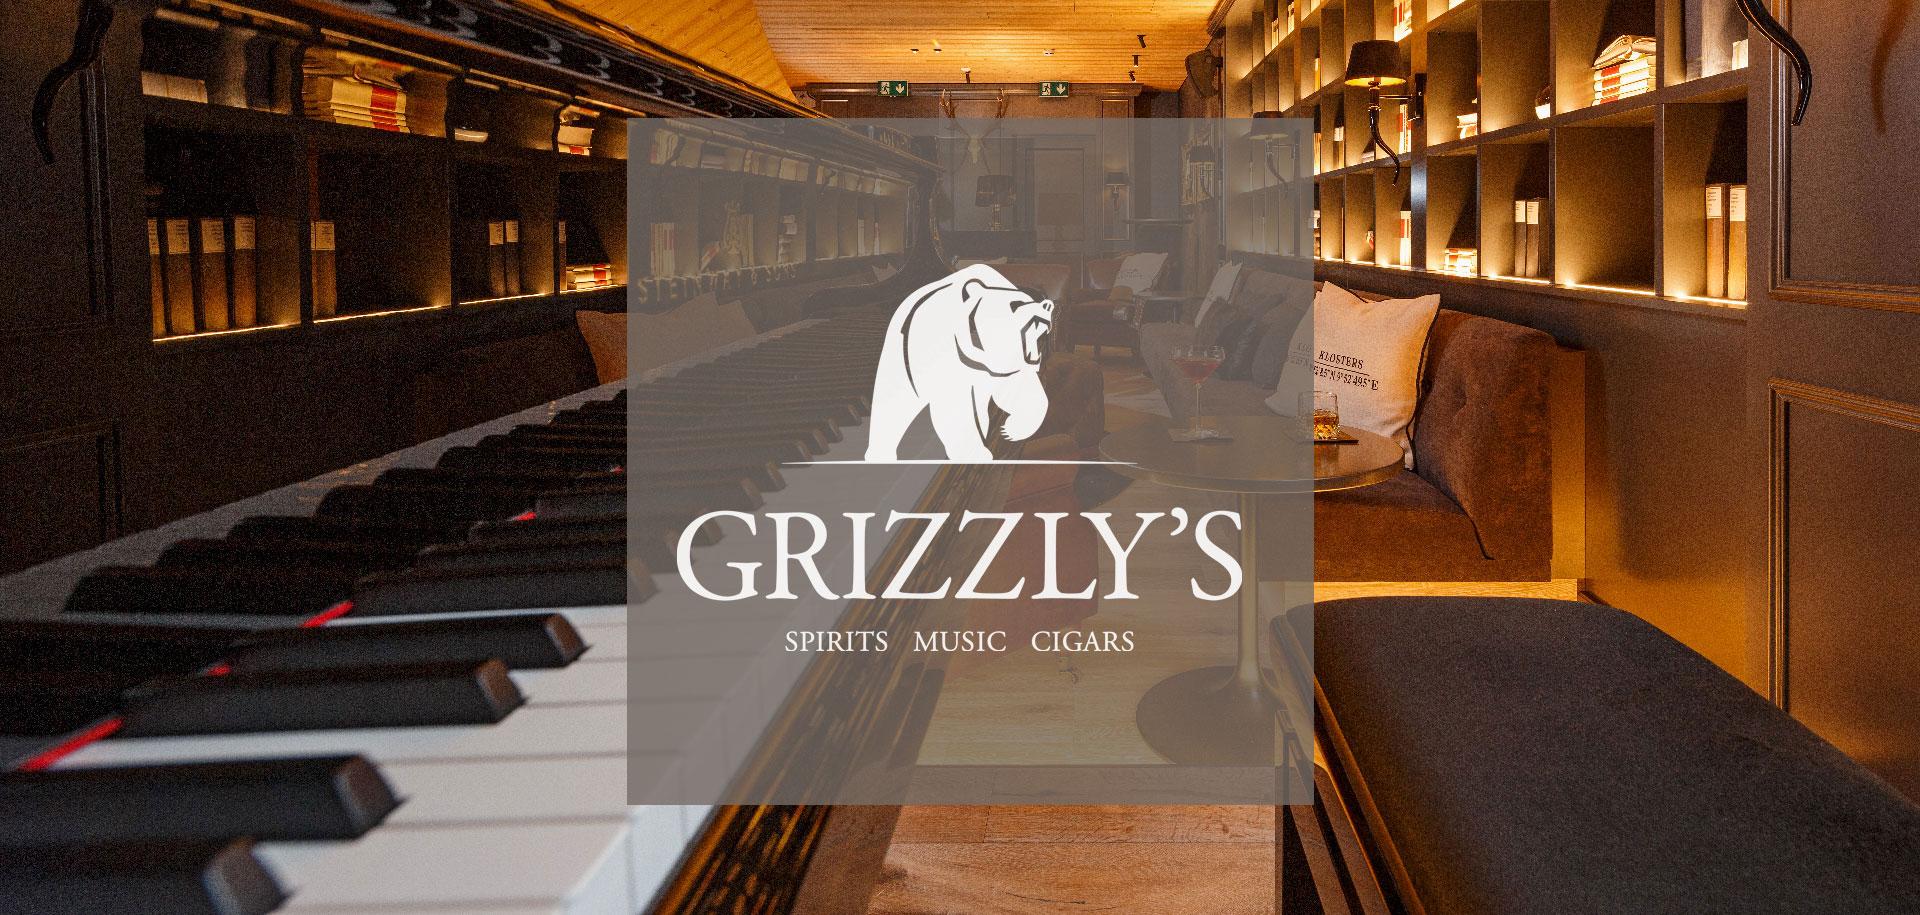 Logo für Grizzly's Bar Hotel Piz Buin Klosters by uniik.com